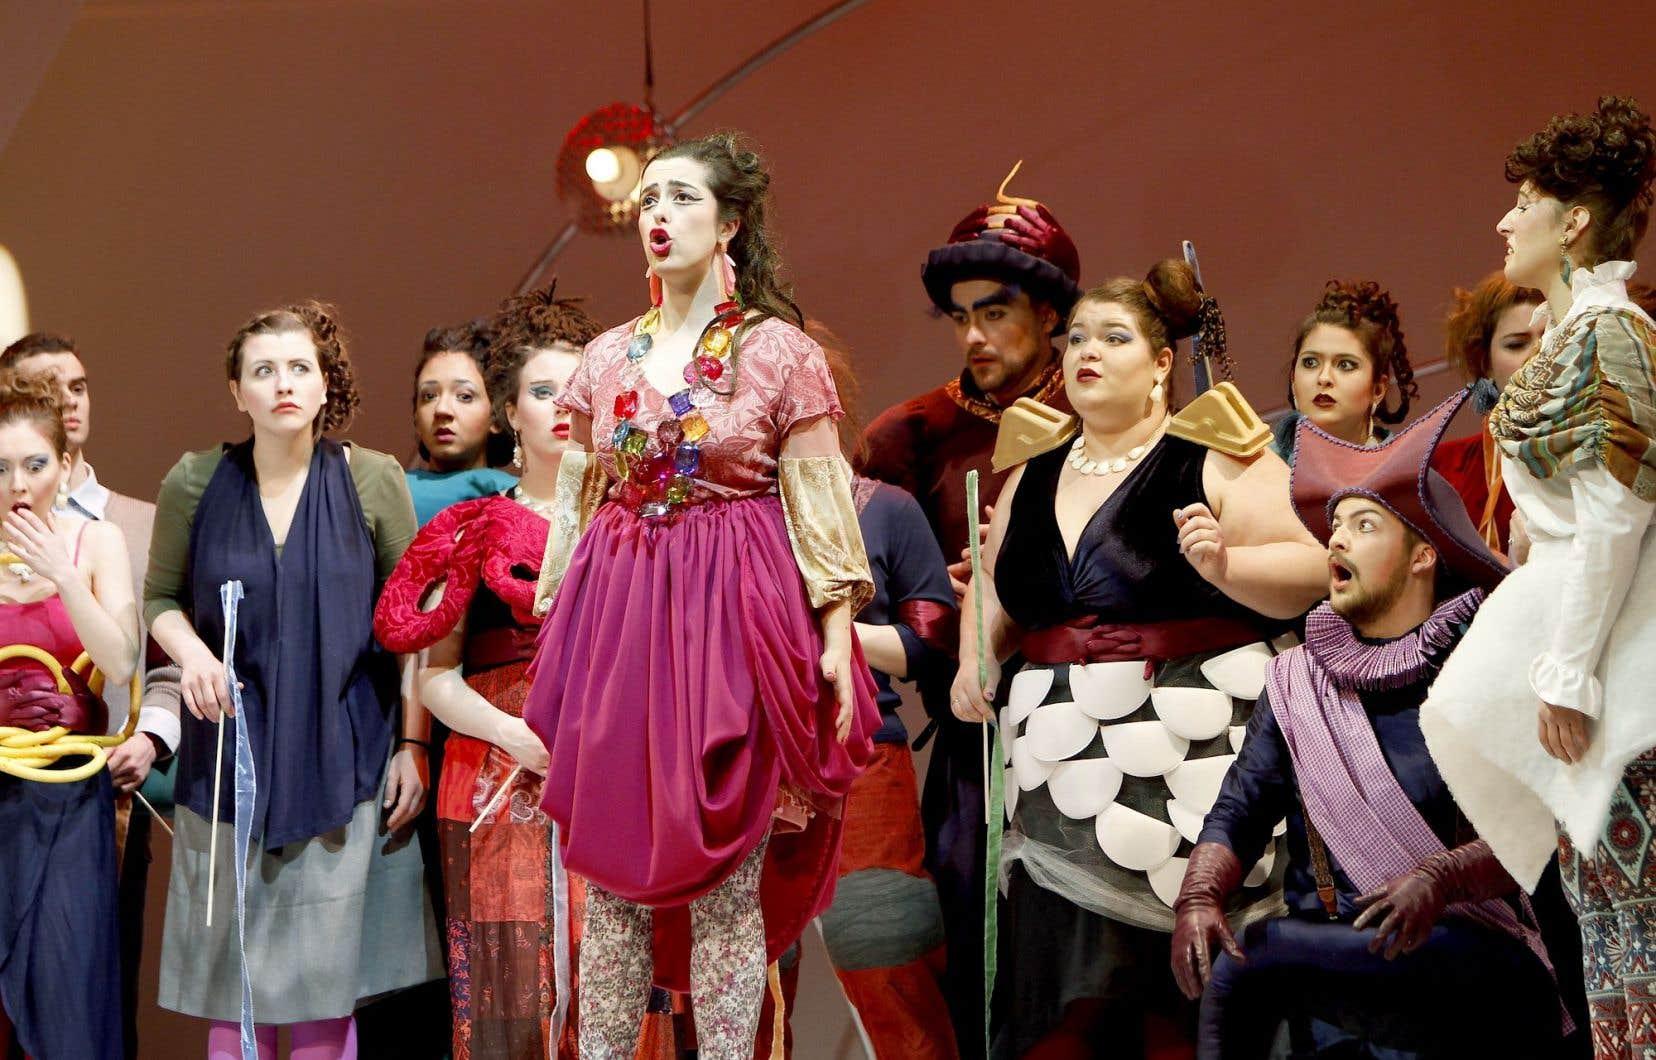 L'opéra L'étoile d'Emmanuel Chabrier présenté par l'Atelier d'opéra et l'Orchestre de l'Université de Montréal, en février 2015